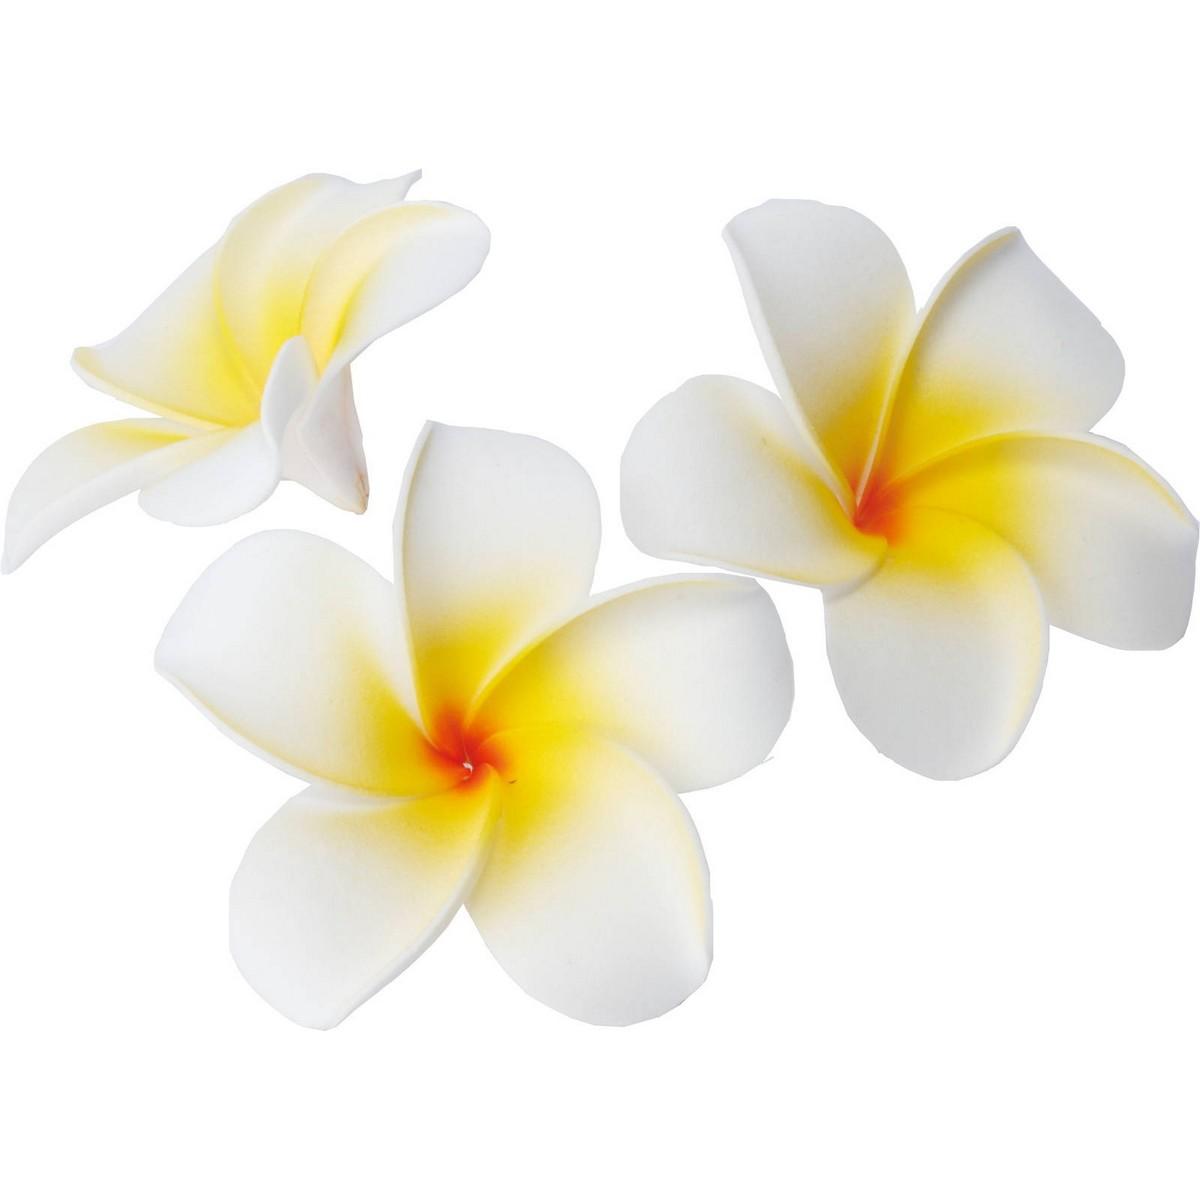 【造花】YDM/プルメリアボックス ホワイト 10個入/FA-7177-W【01】【01】【取寄】《 造花(アーティフィシャルフラワー) 造花 花材「は行」 プルメリア 》